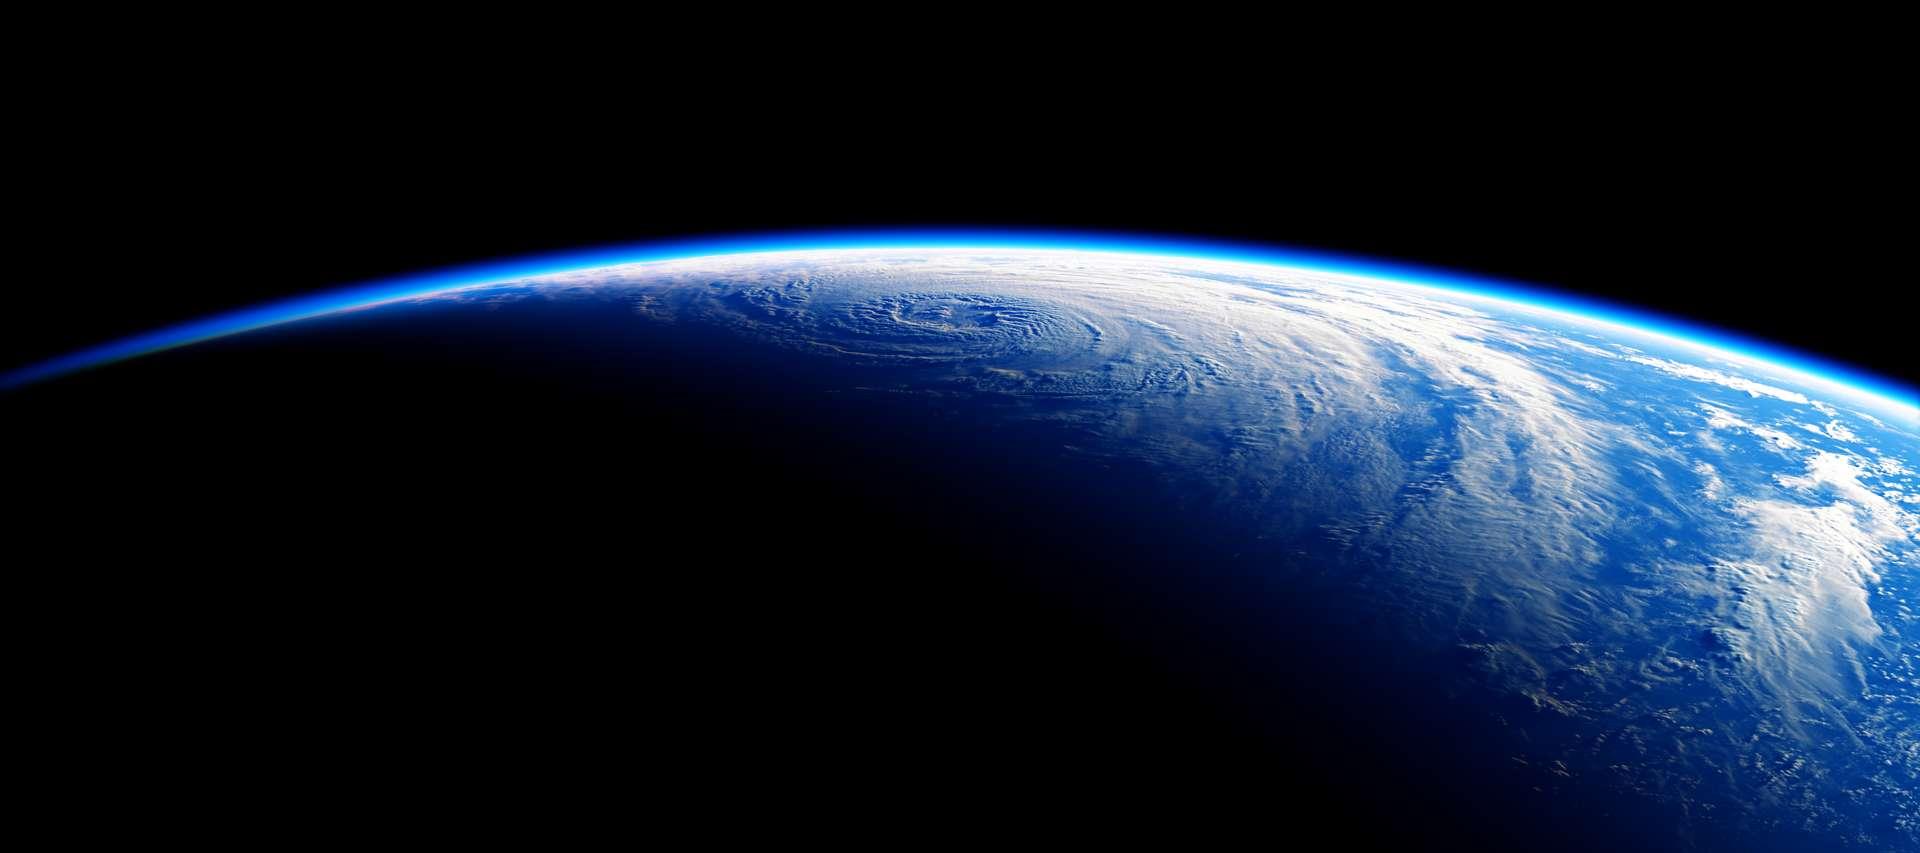 La planète Terre vue de l'espace. © 3dsculptor, Adobe Stock